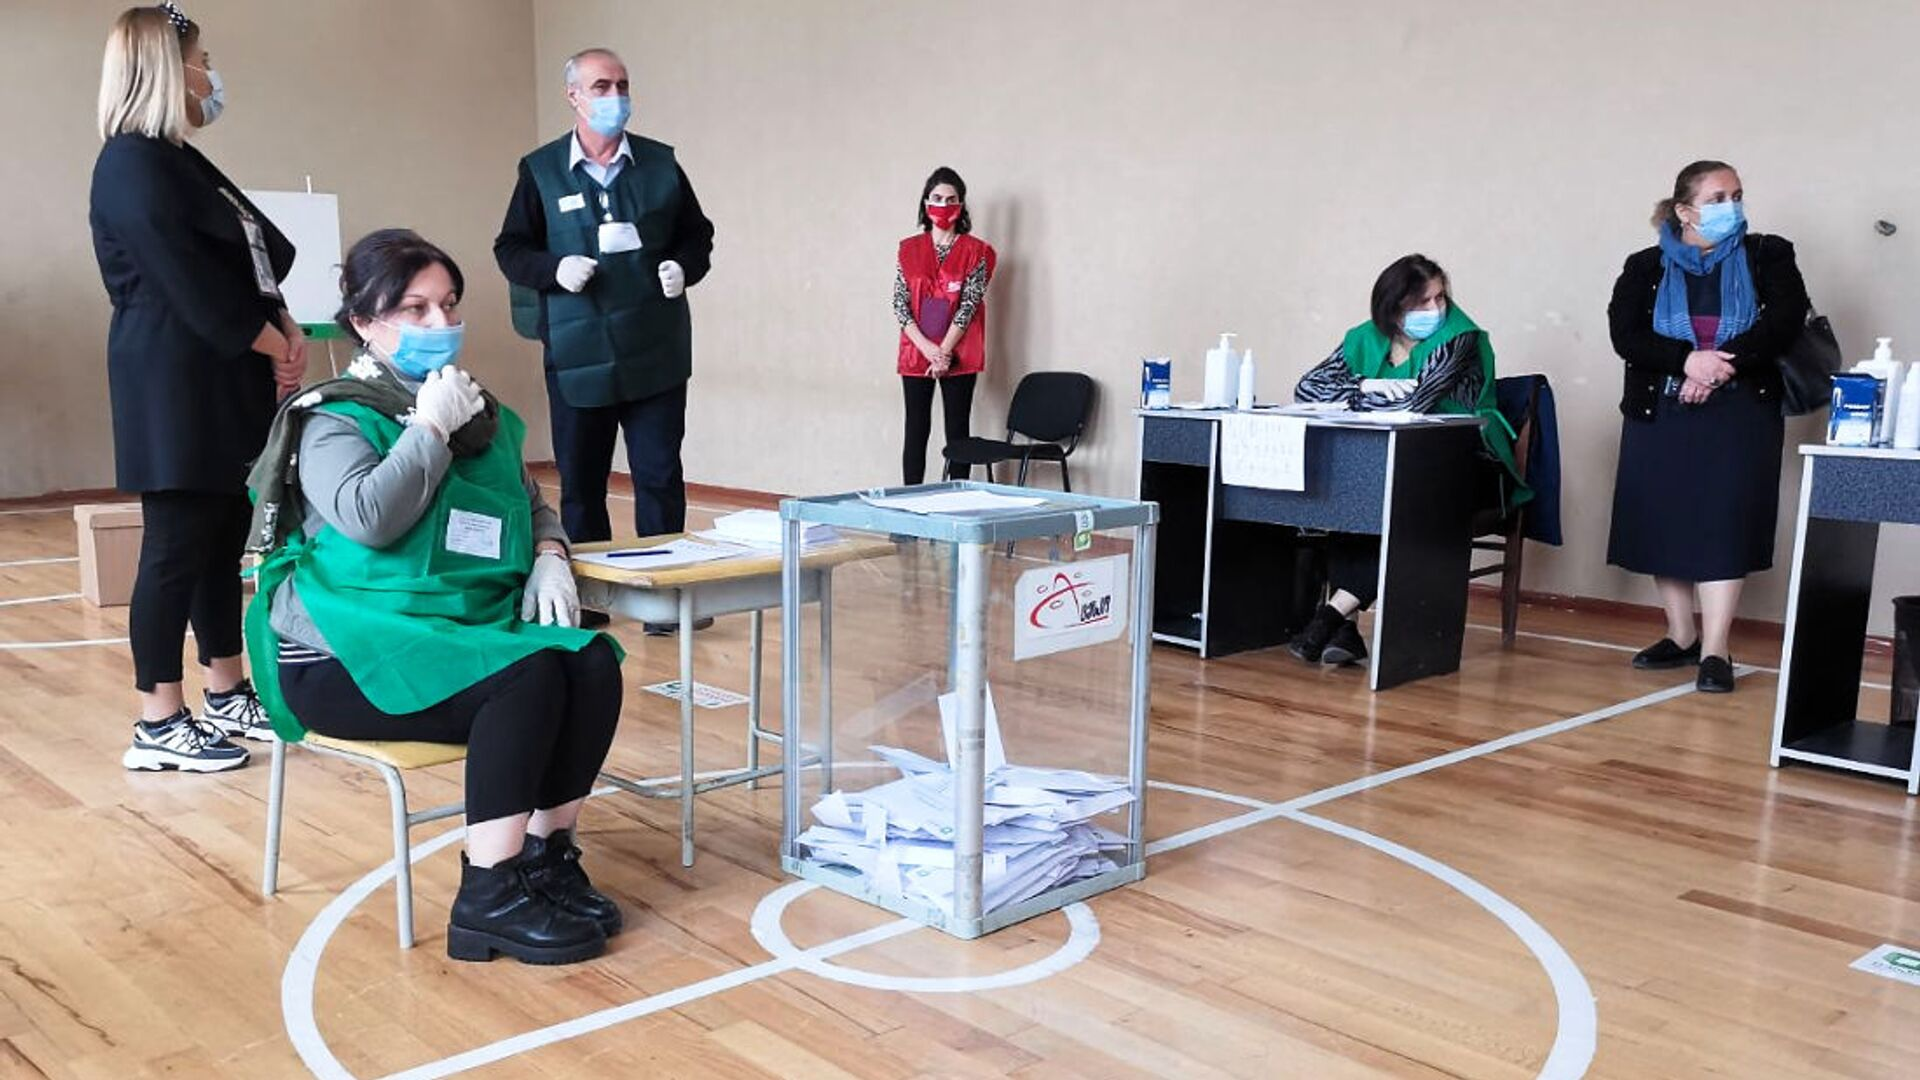 Марнеули. Голосование на 2-м участке. Парламентские выборы в Грузии 2020 - Sputnik Грузия, 1920, 25.09.2021